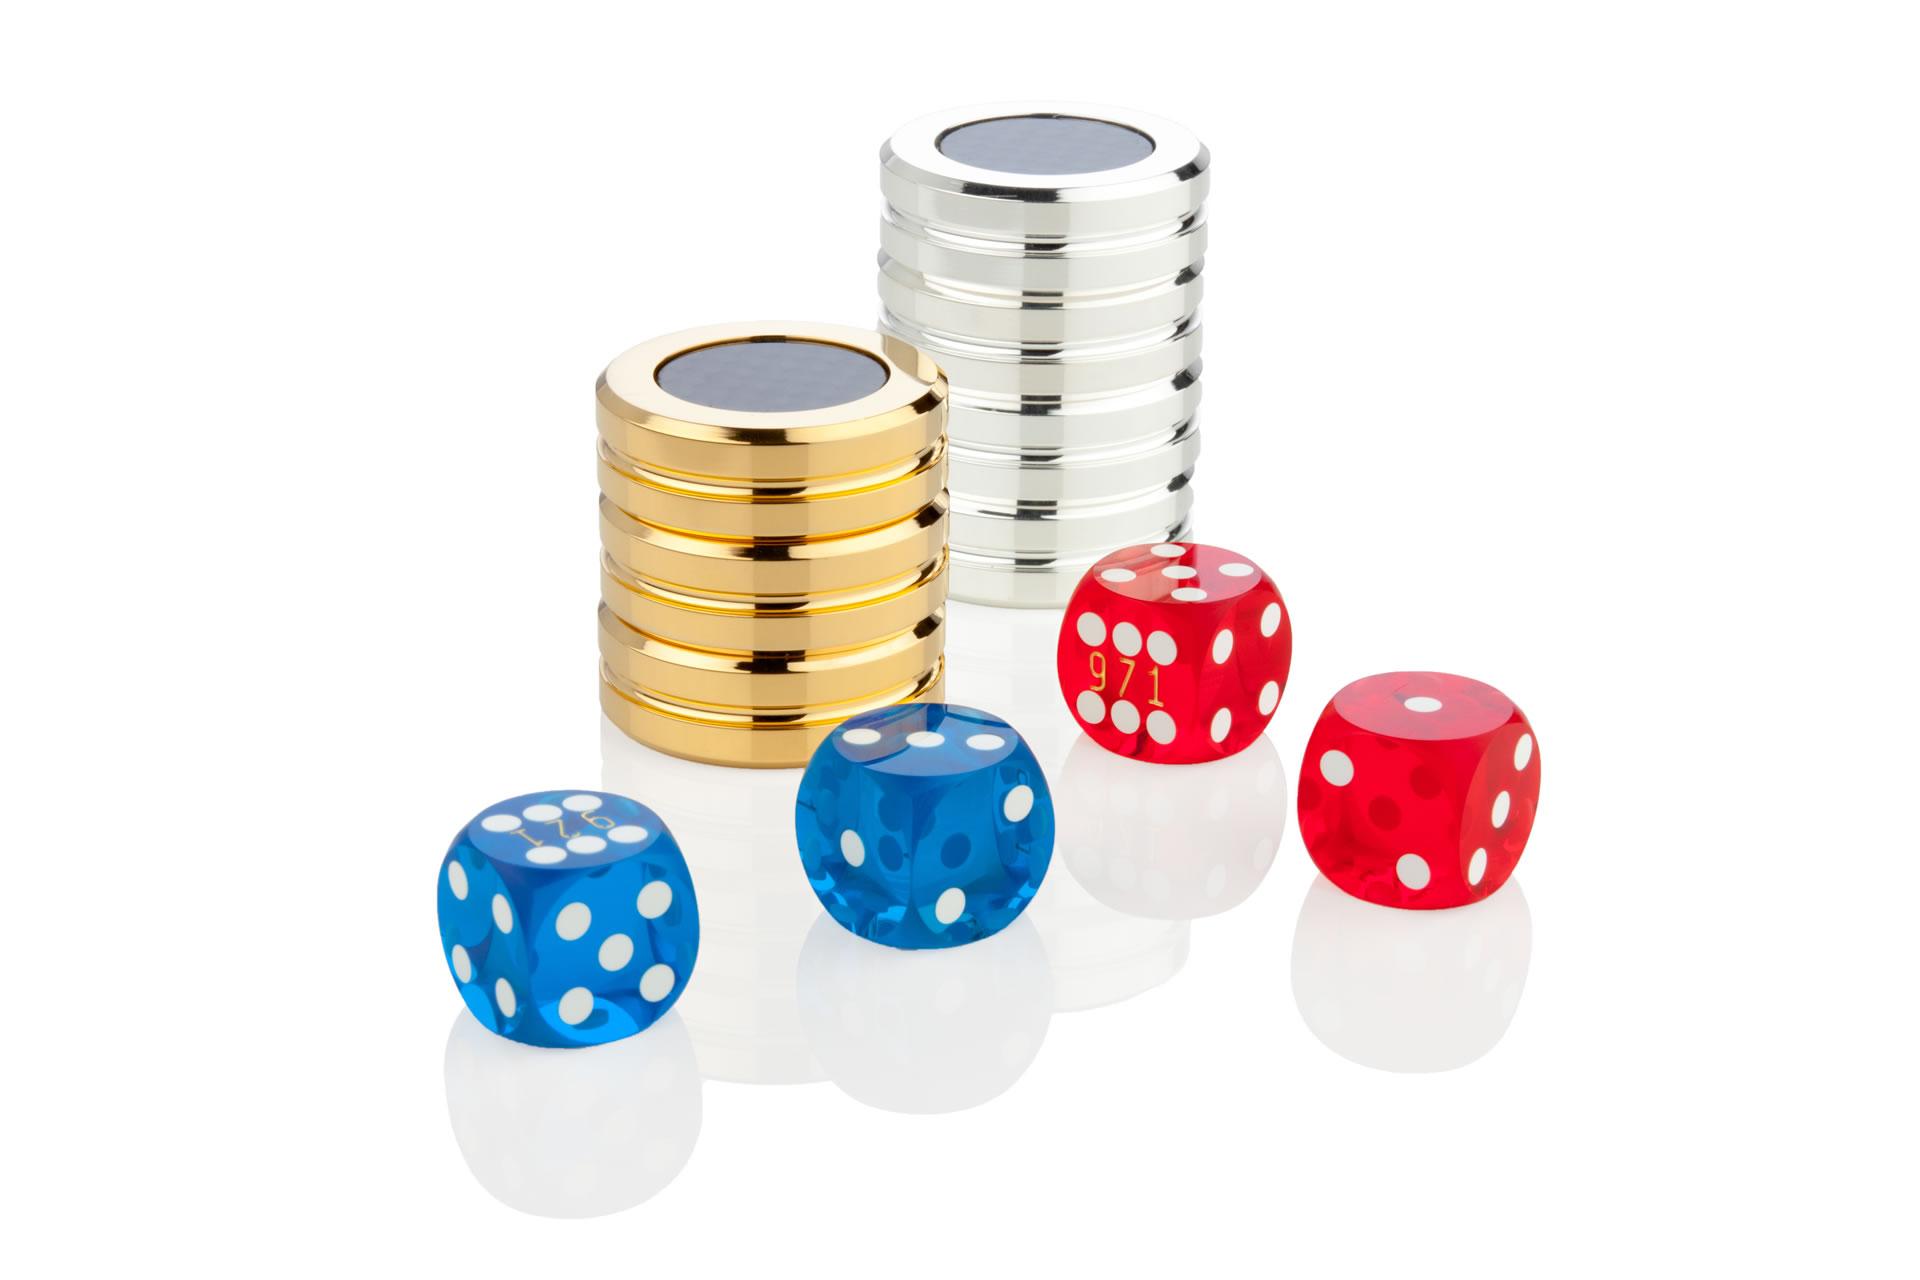 http://richtigteuer.de/wp-content/uploads/2010/10/Vollcarbon_Backgammon_Koffer_2.jpg